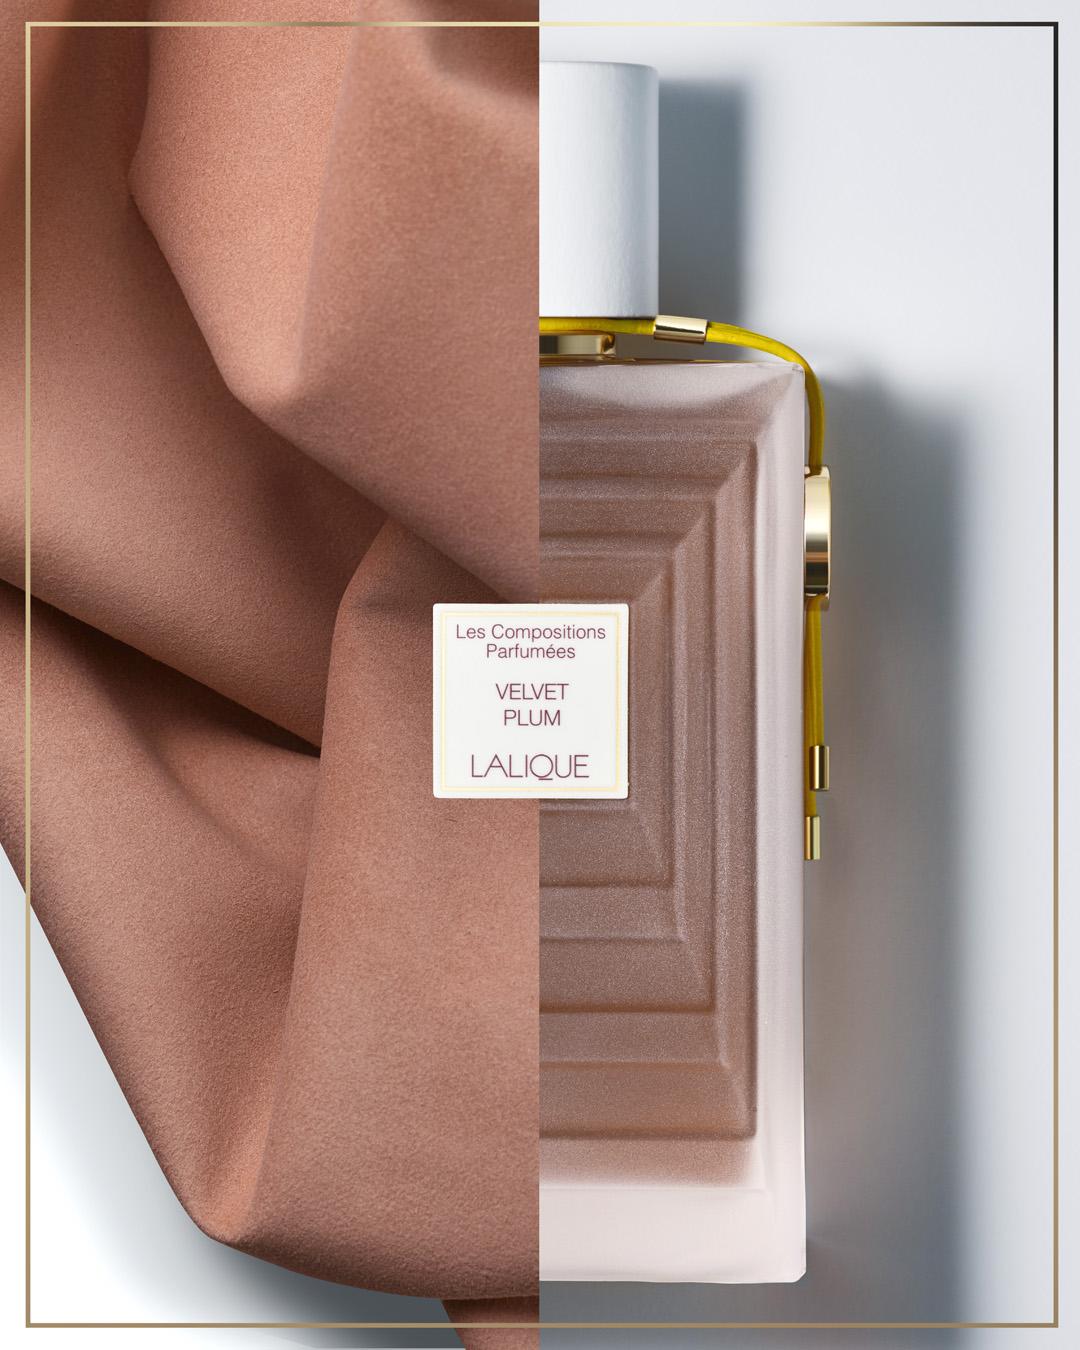 Lalique-Les-Compositions-Parfumées-Velvet-Plum-Banner.jpg